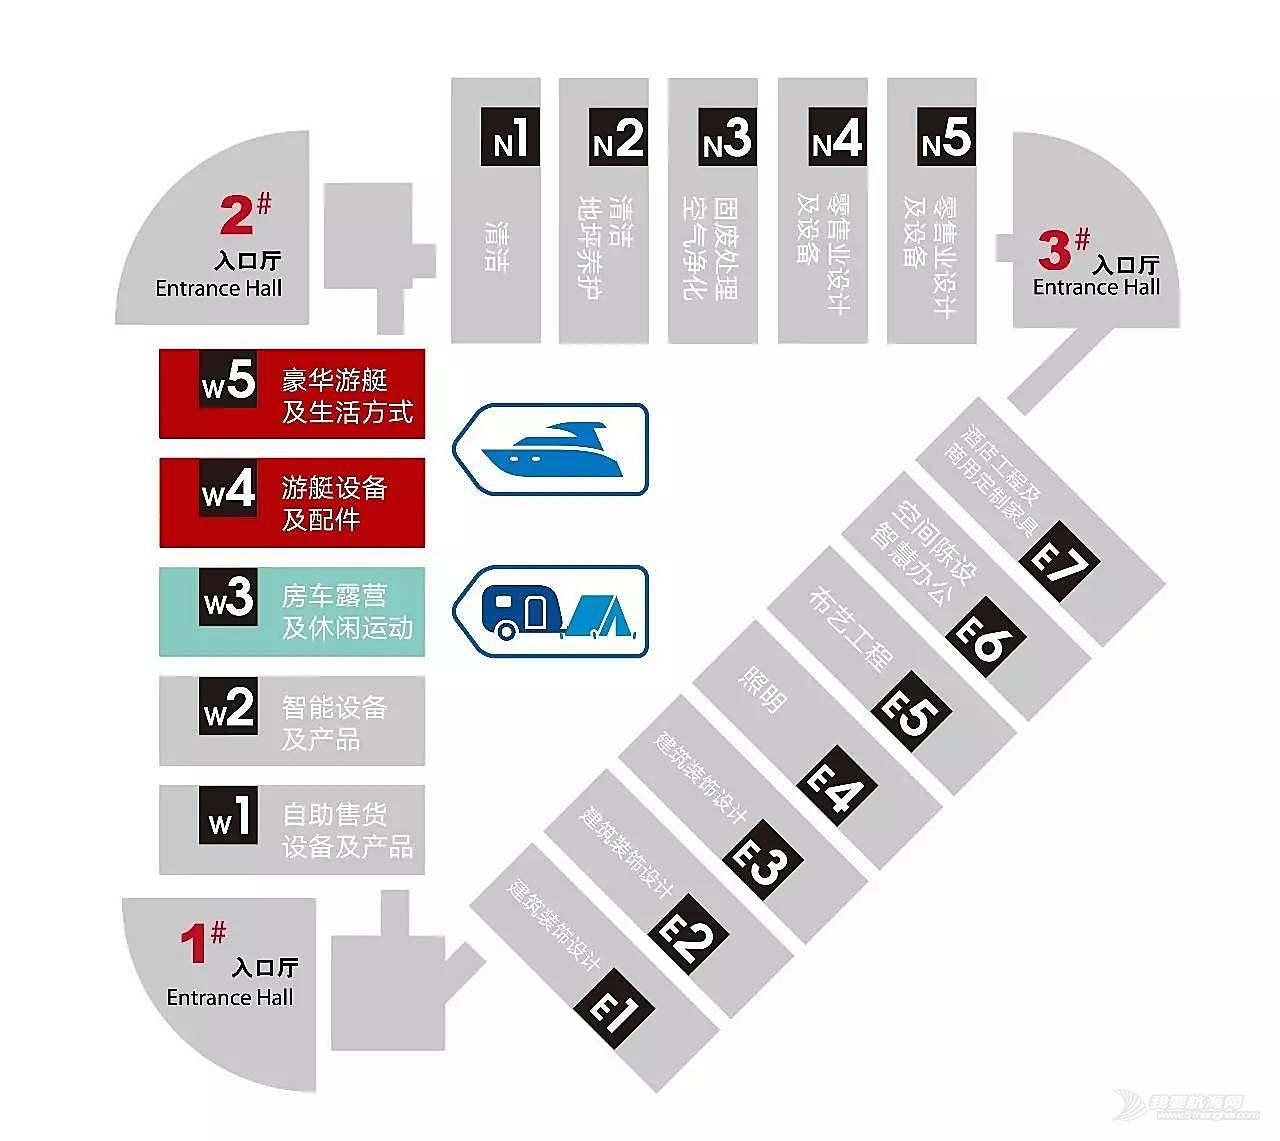 上海酒店,上海国际,亚太地区,知名品牌,生活方式 2017上海国际游艇展就在上海新国际博览中心等你来!